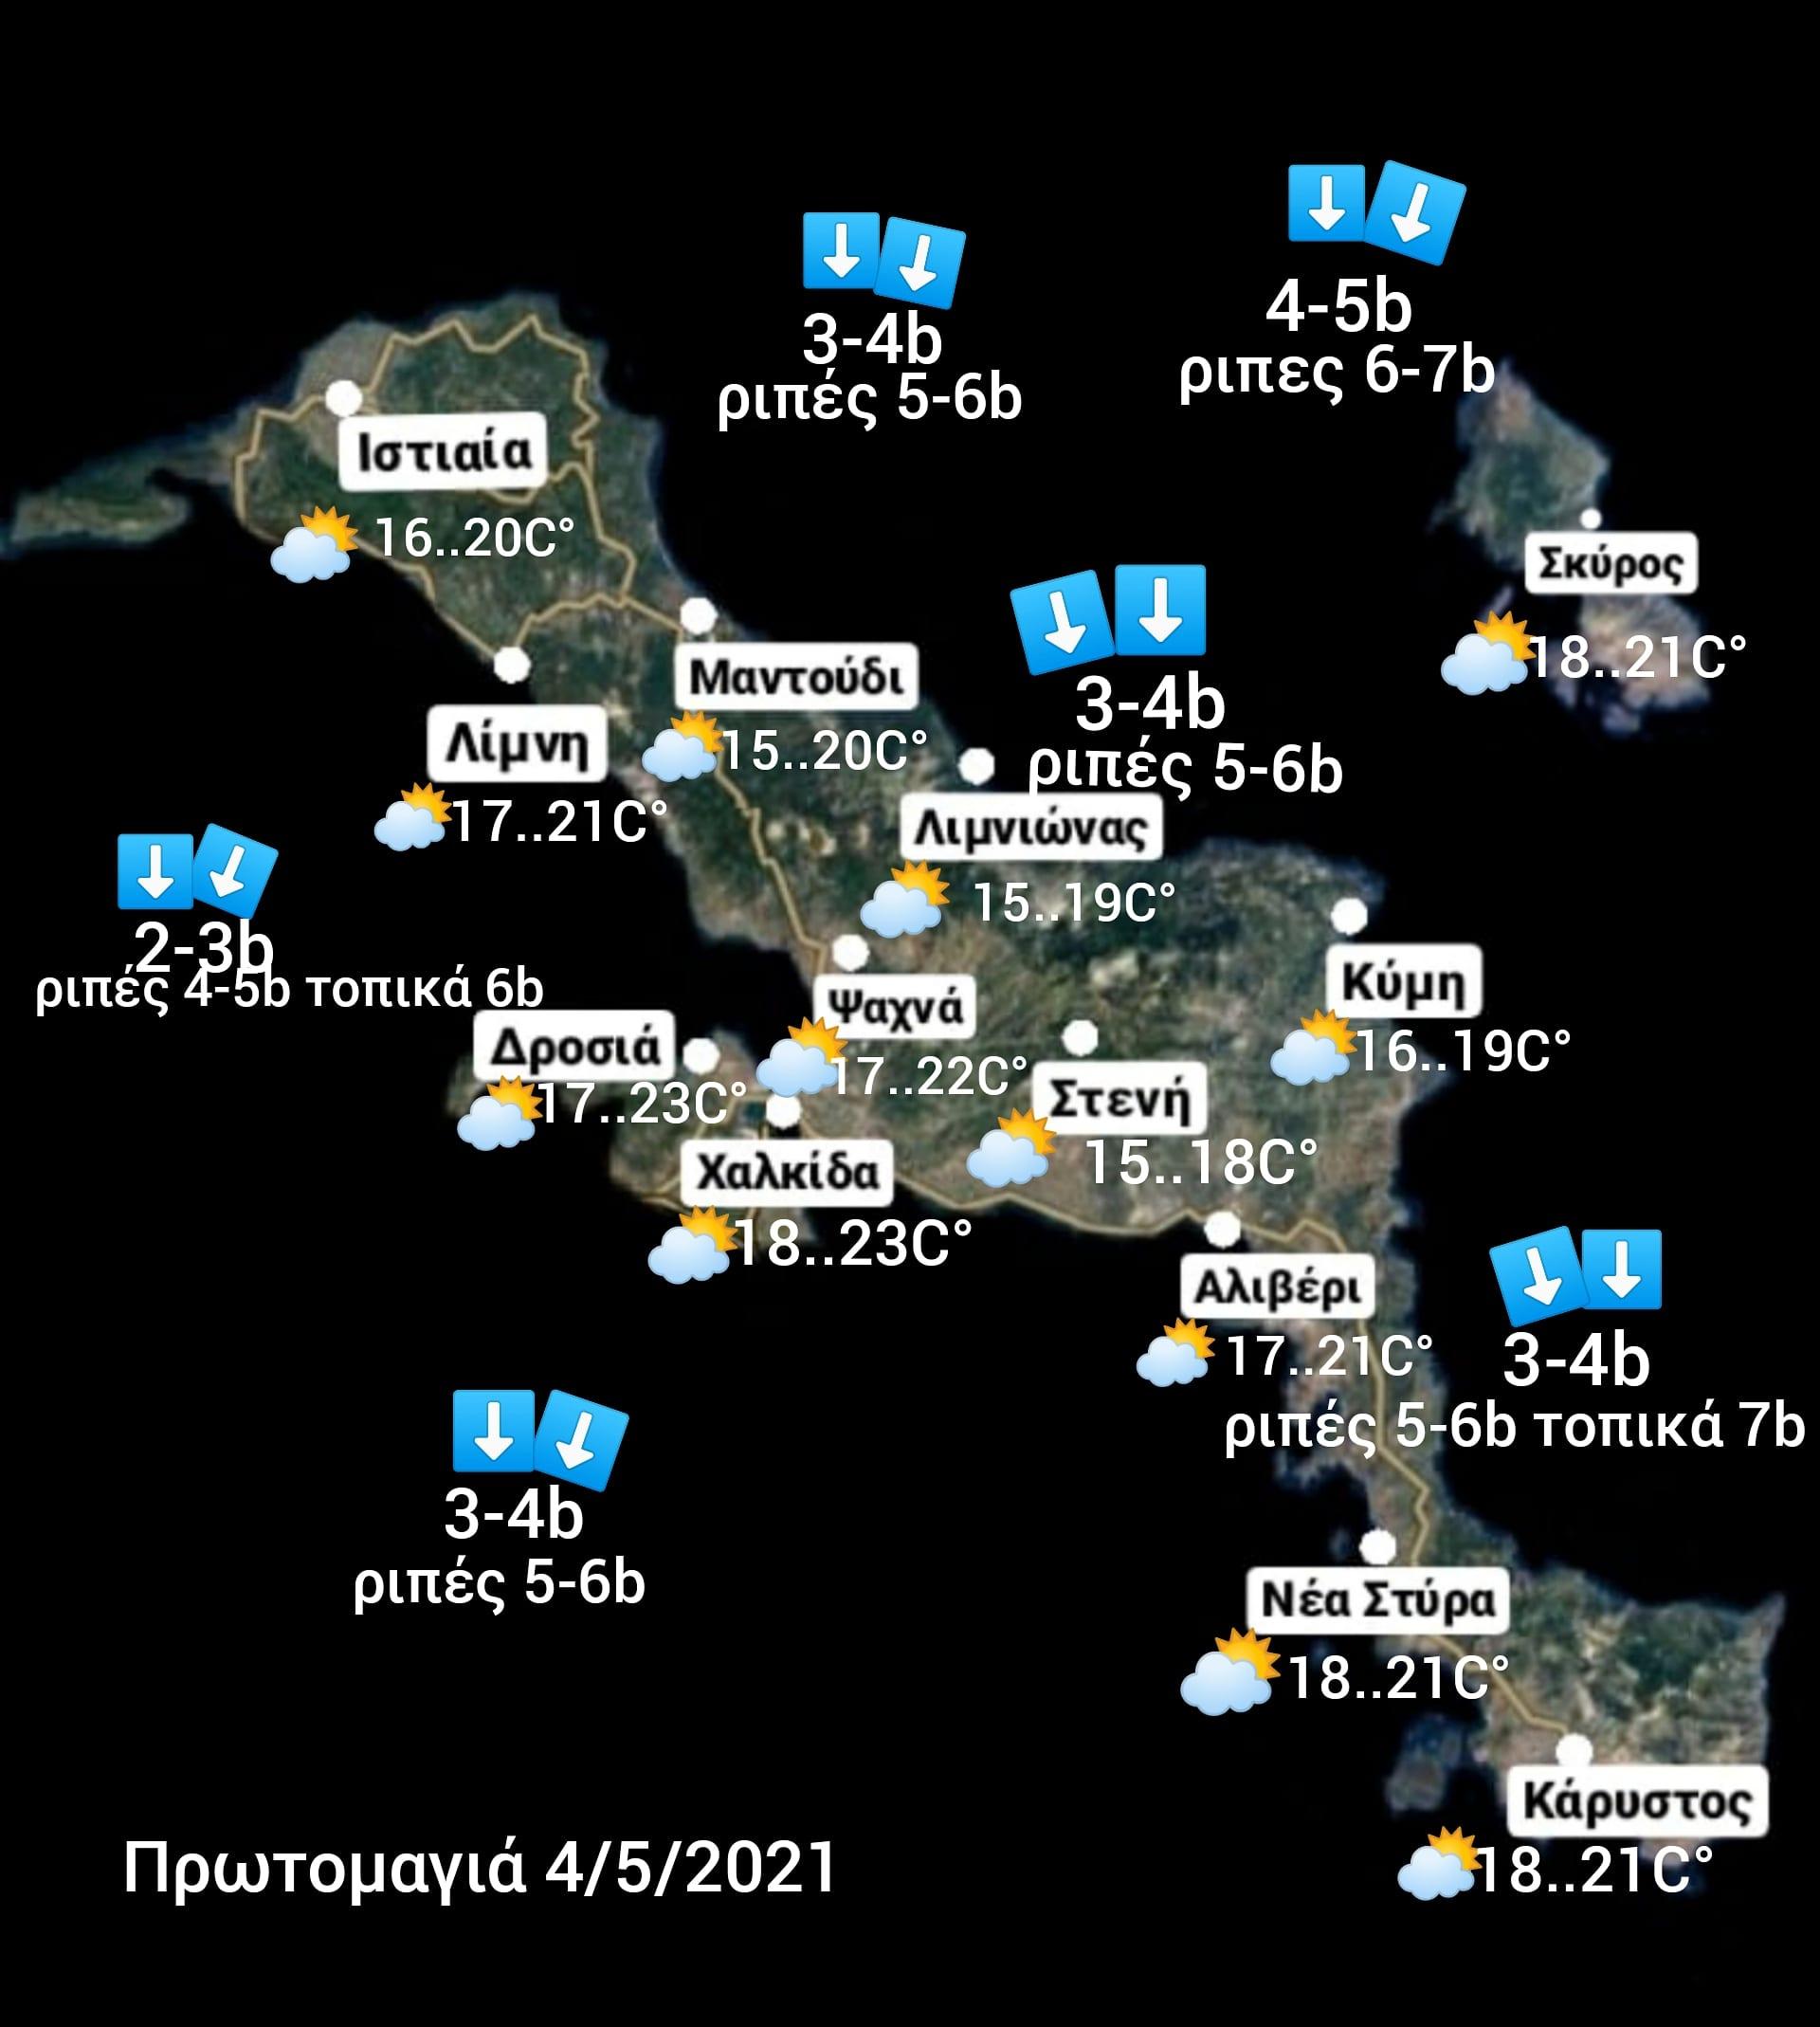 Ο Καιρός σήμερα Πρωτομαγιά σε Εύβοια και Σκύρο, Ο Καιρός σήμερα Πρωτομαγιά σε Εύβοια και Σκύρο, Eviathema.gr   ΕΥΒΟΙΑ ΝΕΑ - Νέα και ειδήσεις από όλη την Εύβοια